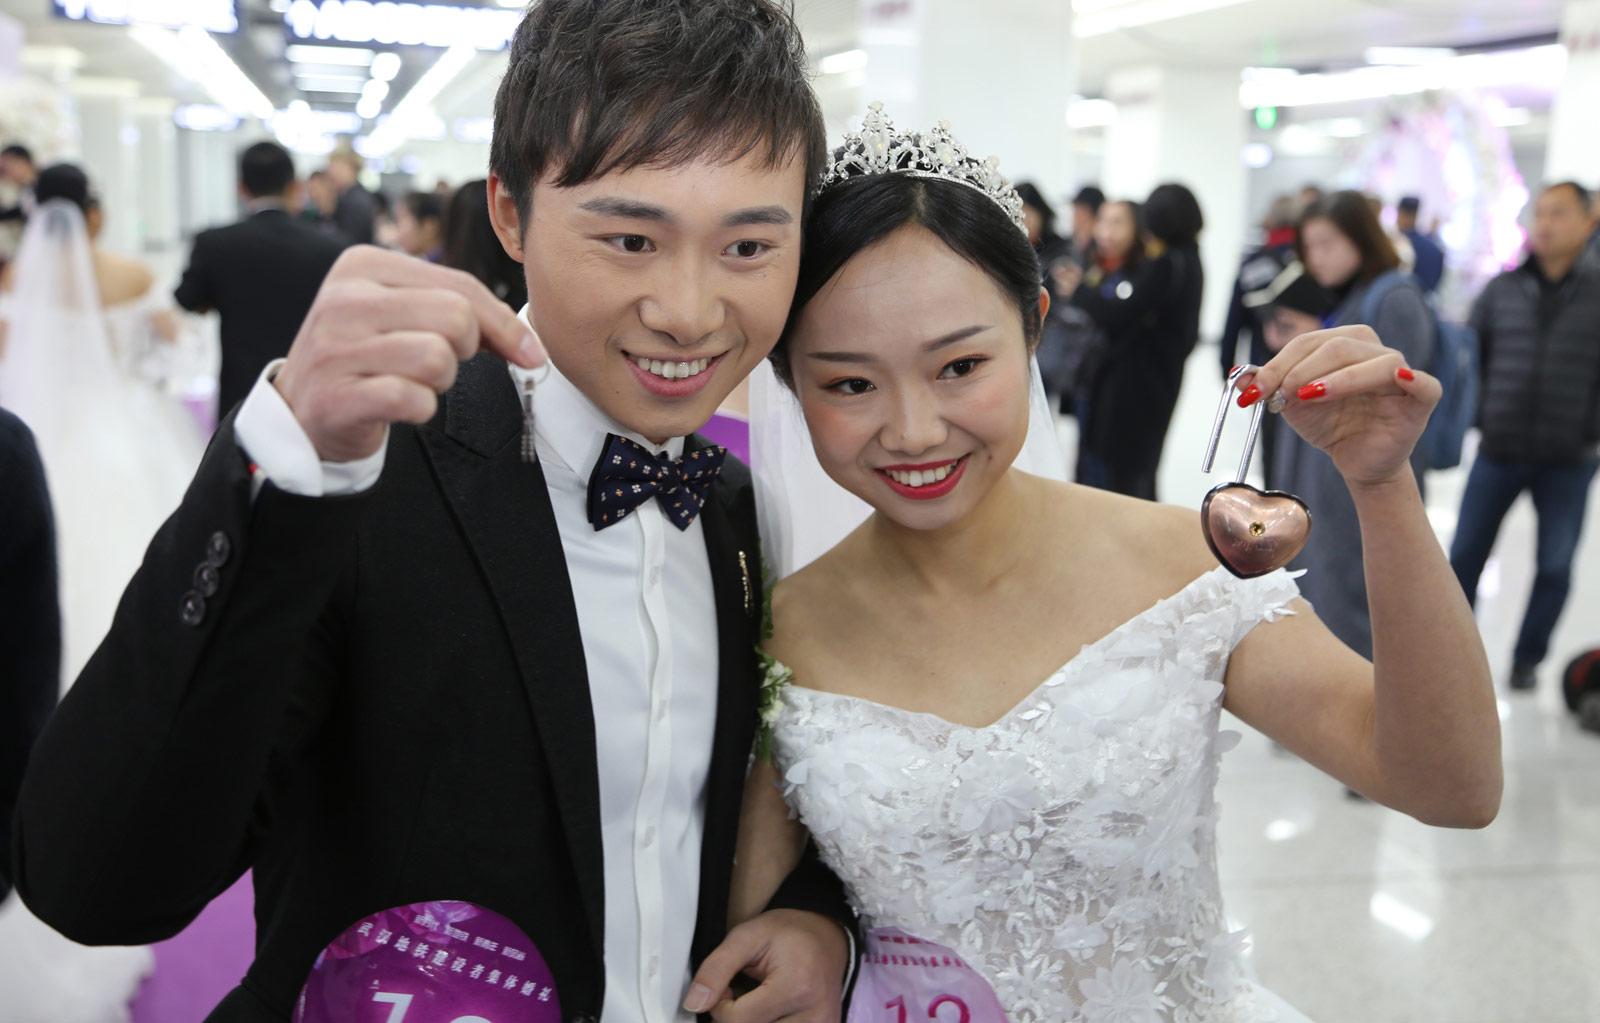 作为地铁承建方的中建三局基础设施公司联合武汉地铁集团,在地铁阳逻线开通之际,为21名地铁建设者举办了别开生面的集体婚礼。图为一对新人展示自己的同心锁。(连迅 摄)